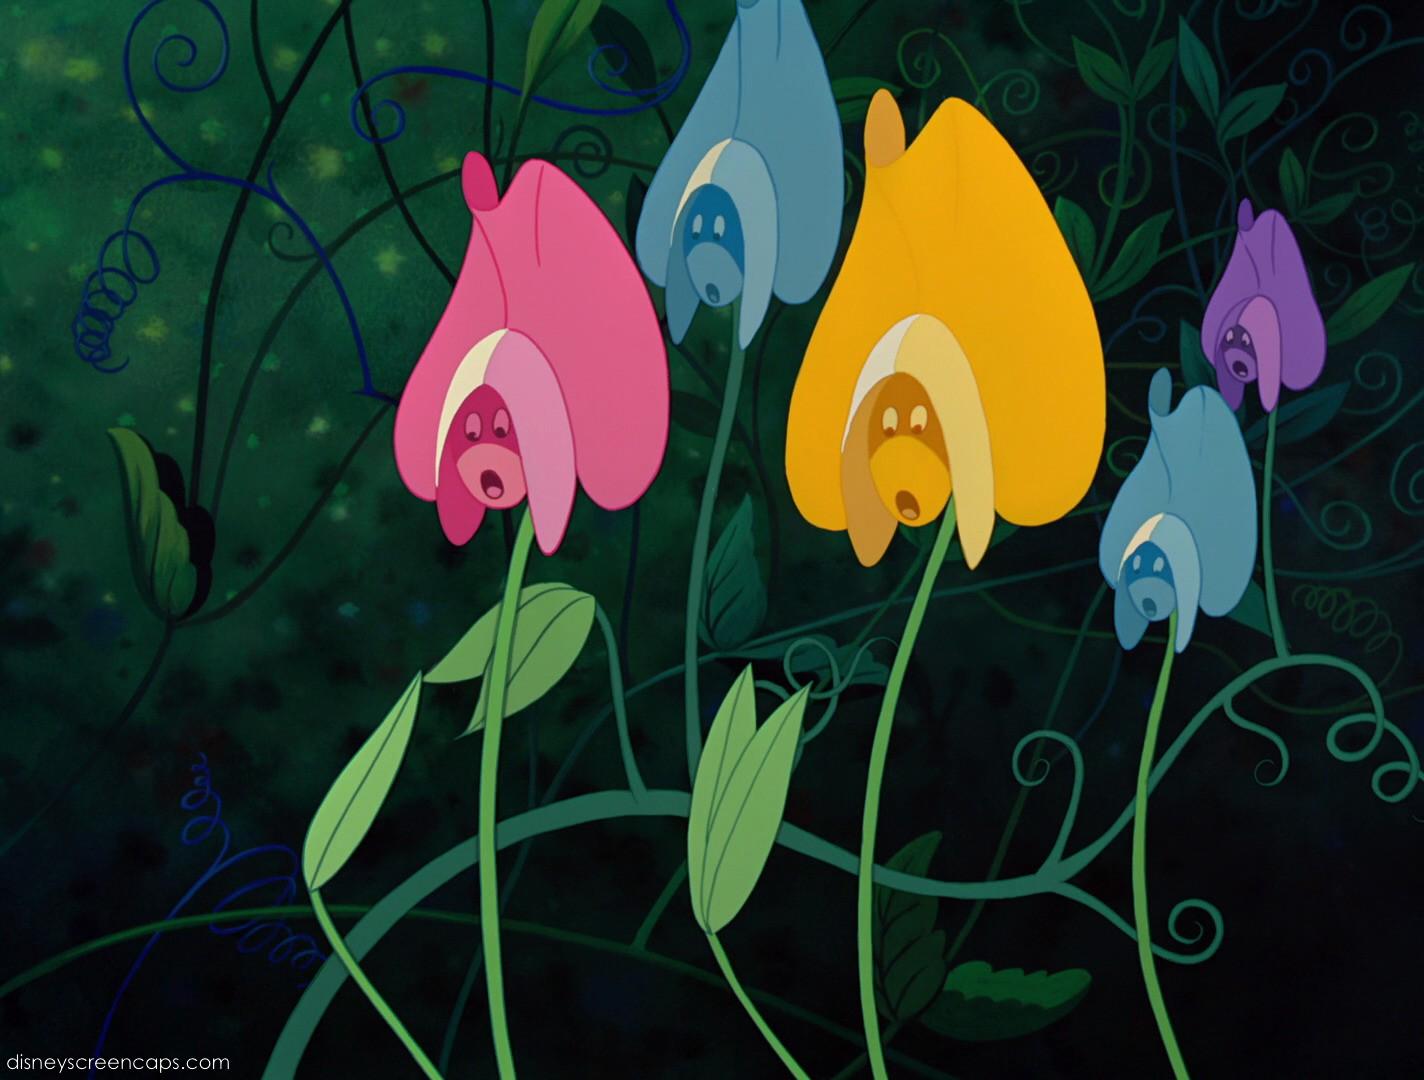 Image Alice disneyscreencaps 3477 Alice in Wonderland Wiki